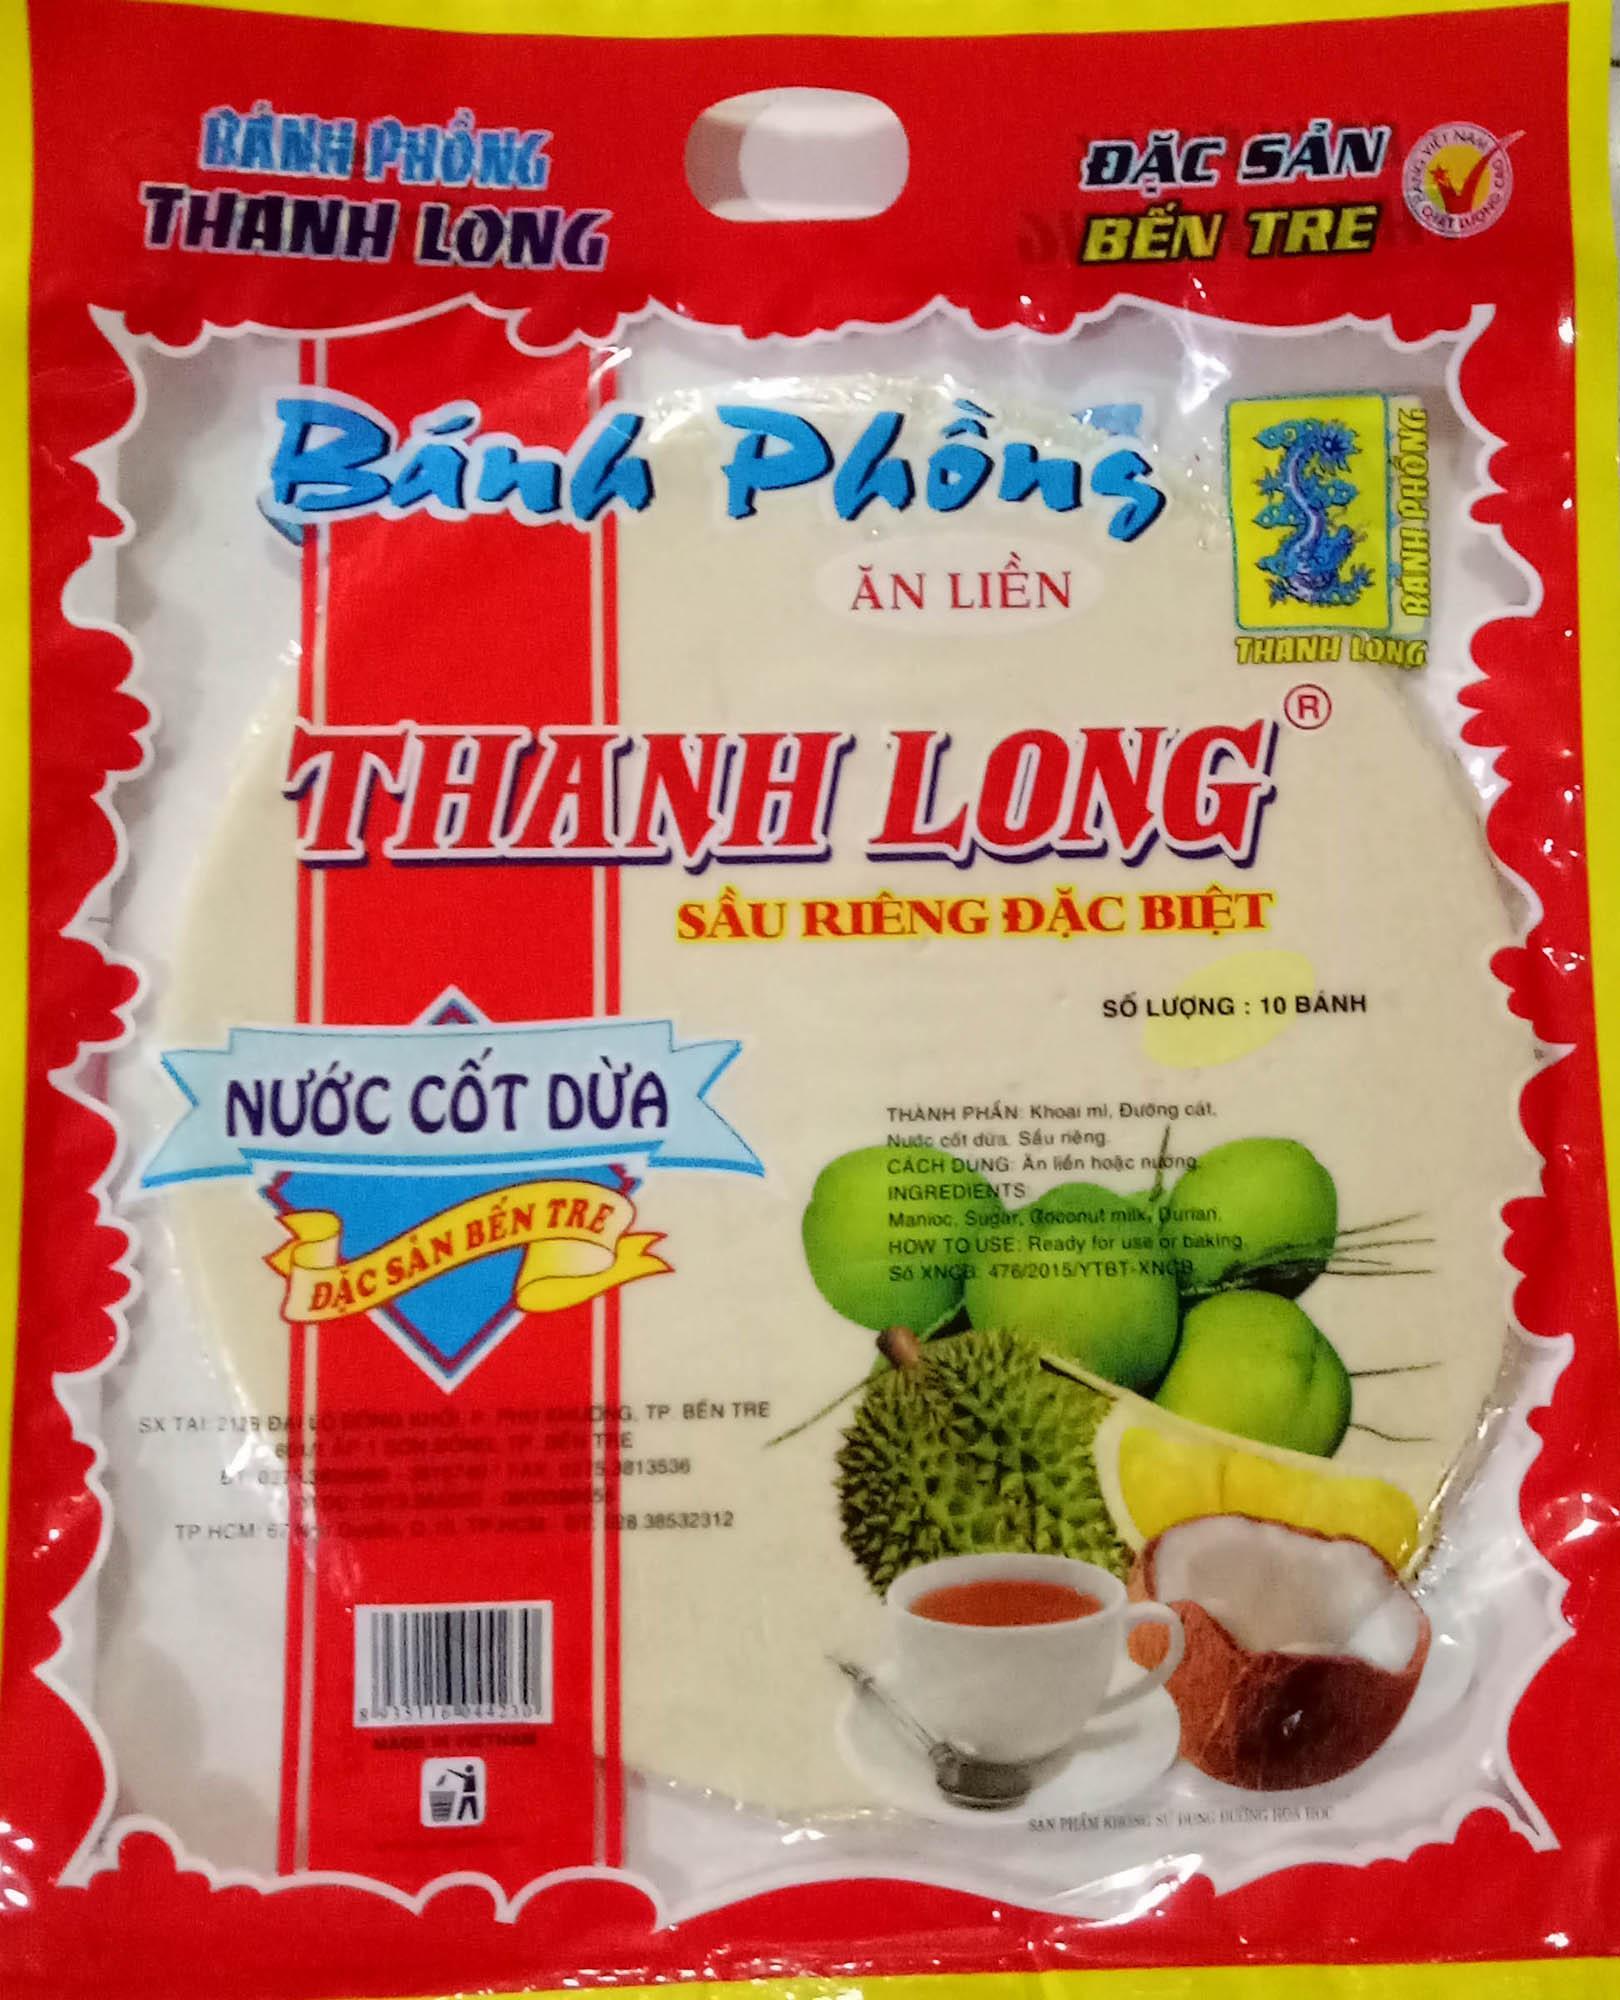 Bánh phồng sữa sầu riêng nước cốt dừa Thanh Long (Bịch 10 bánh)